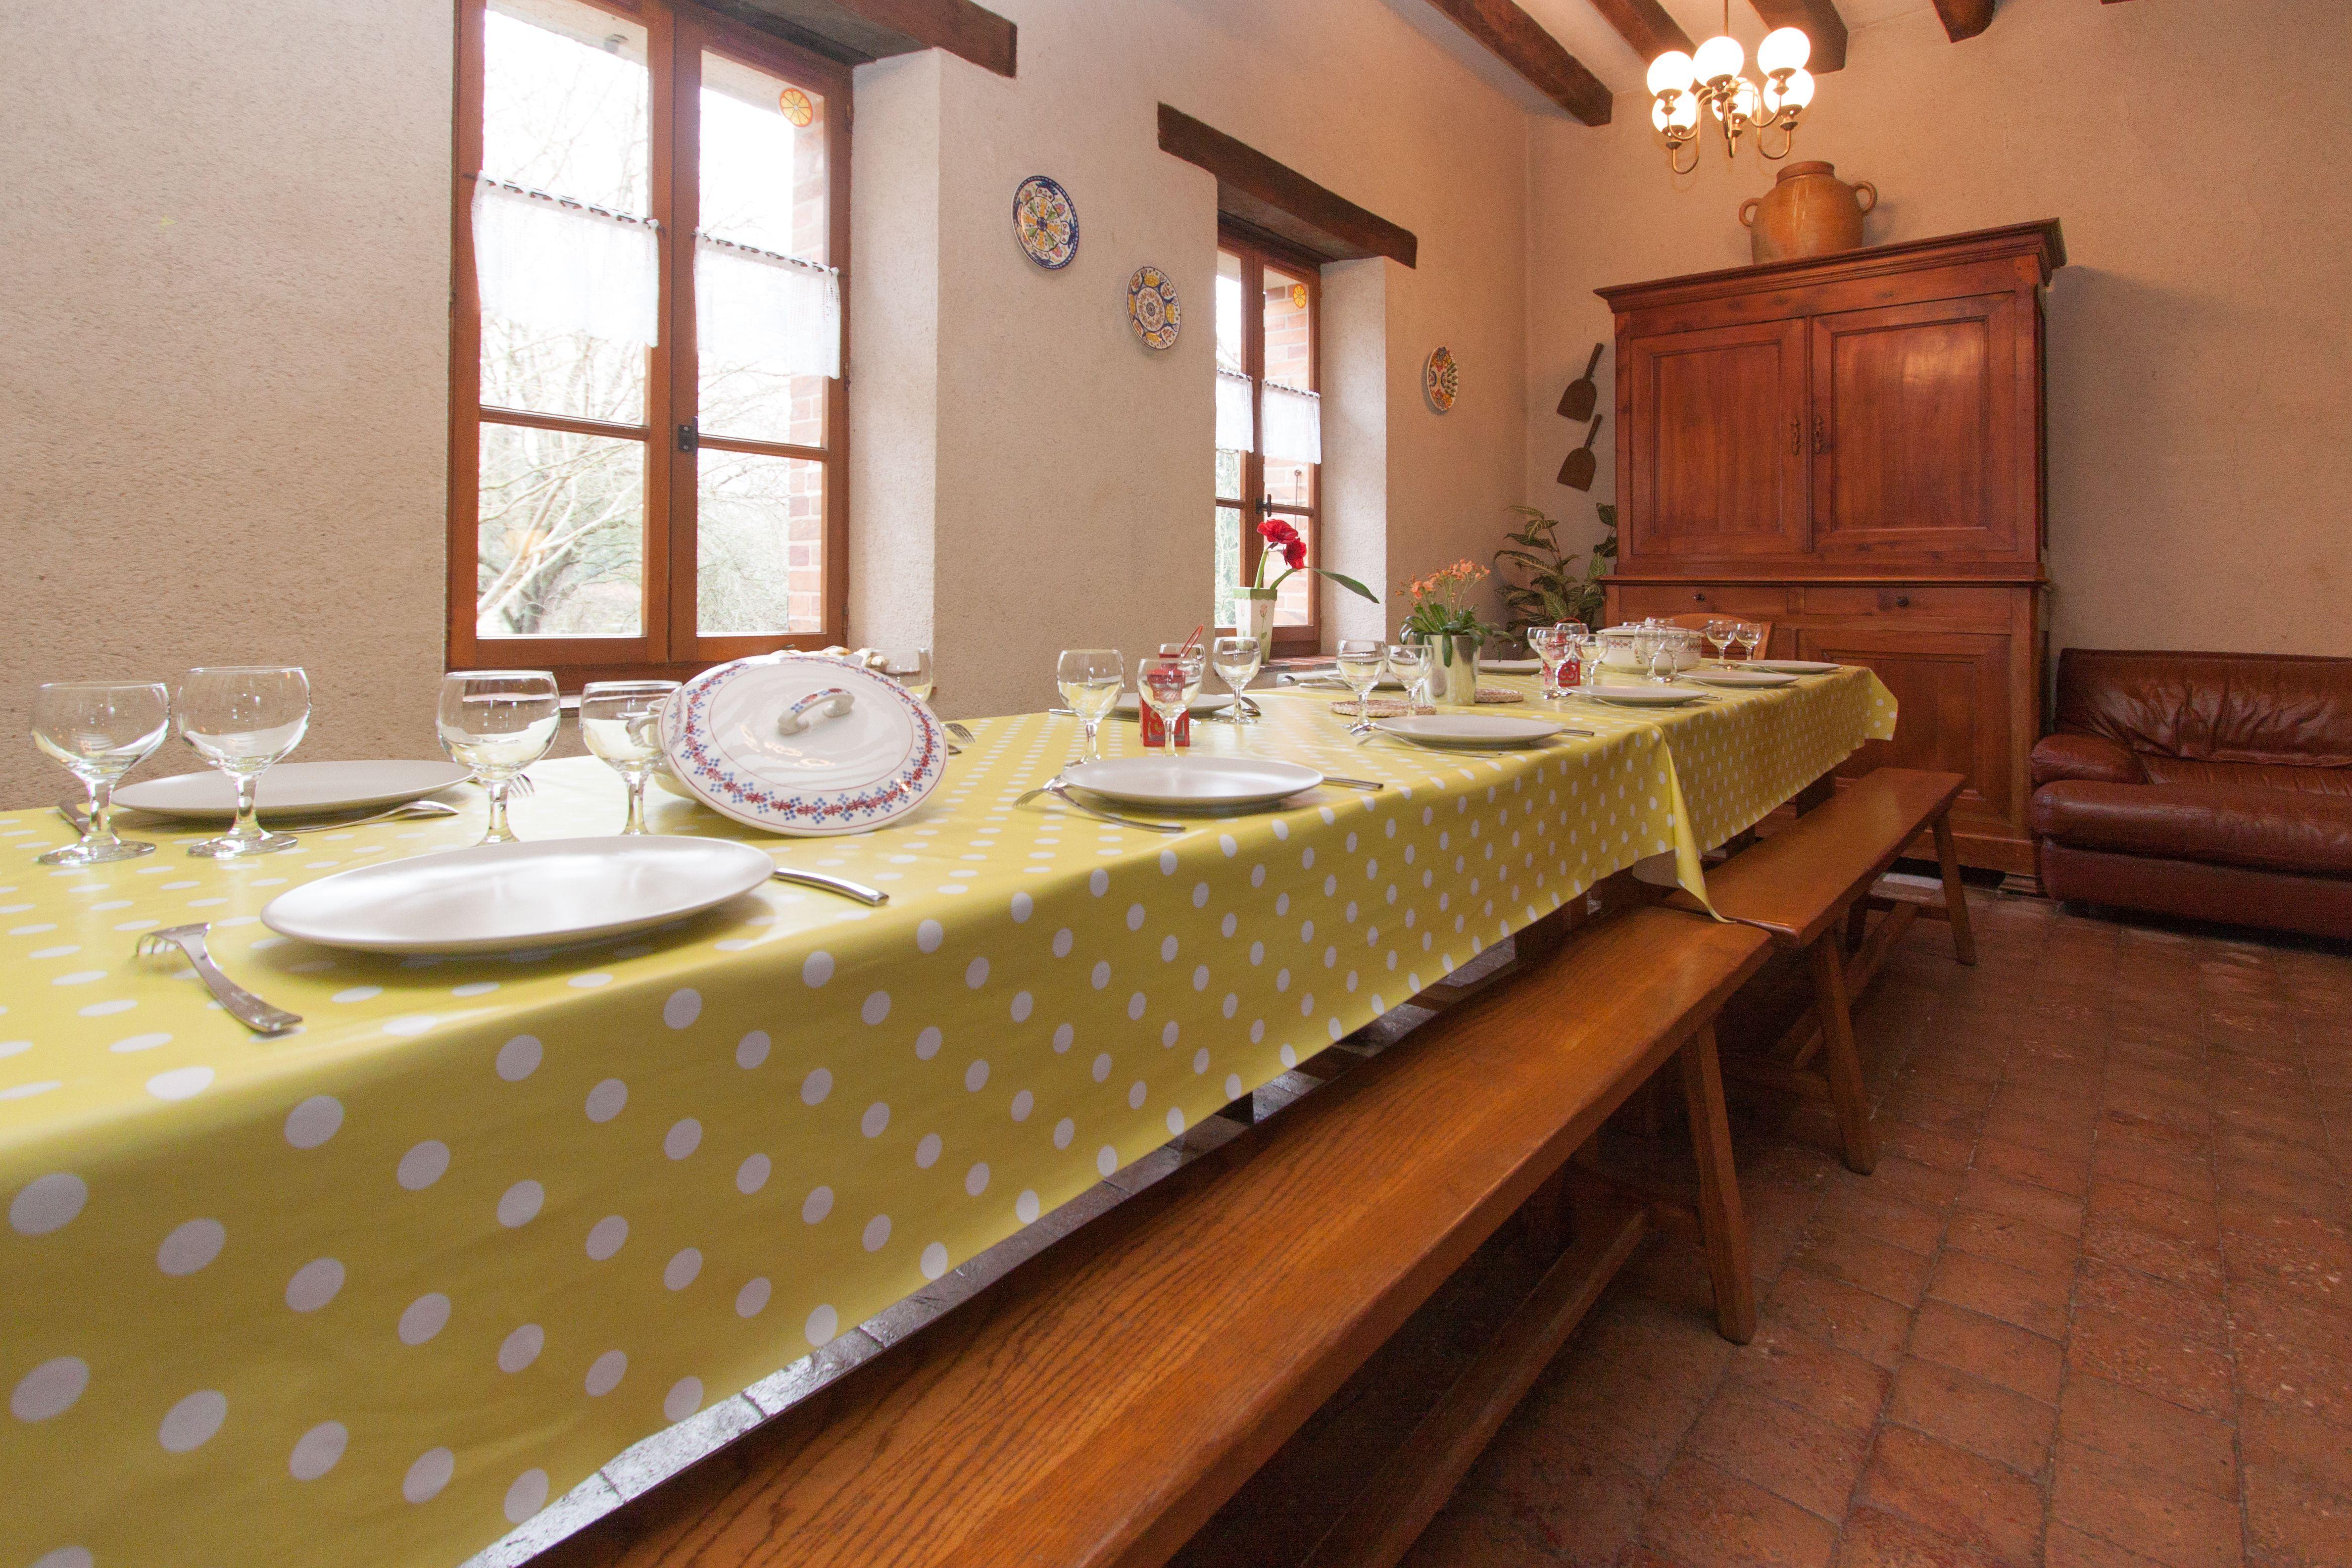 Le côté salle à manger